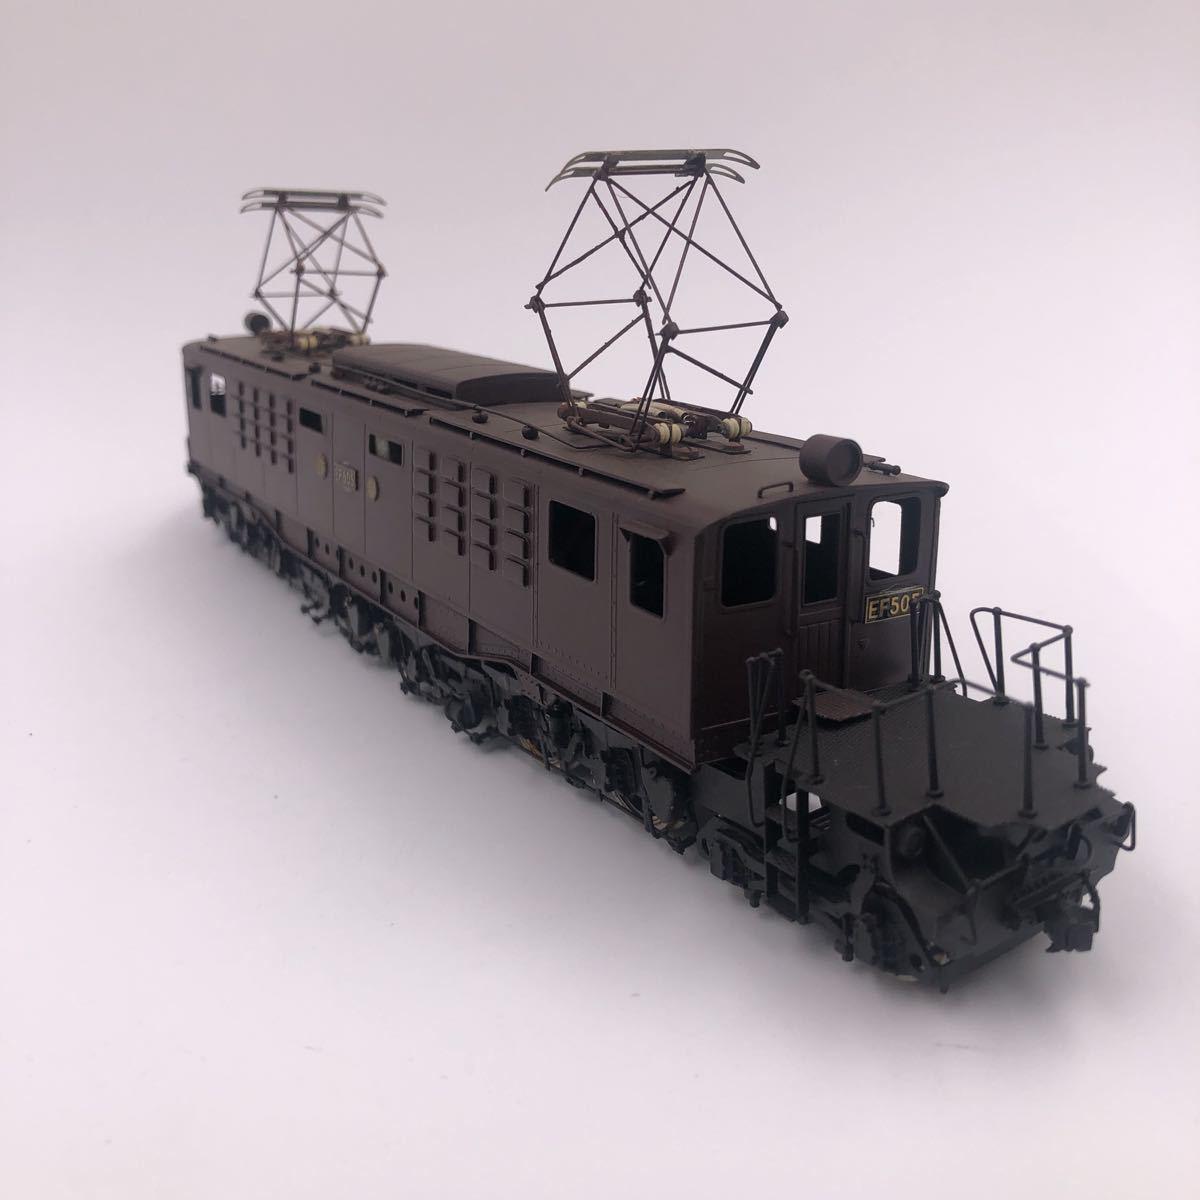 ピノチオ 国鉄 EF50 直流電気機関車 HOゲージ_画像2